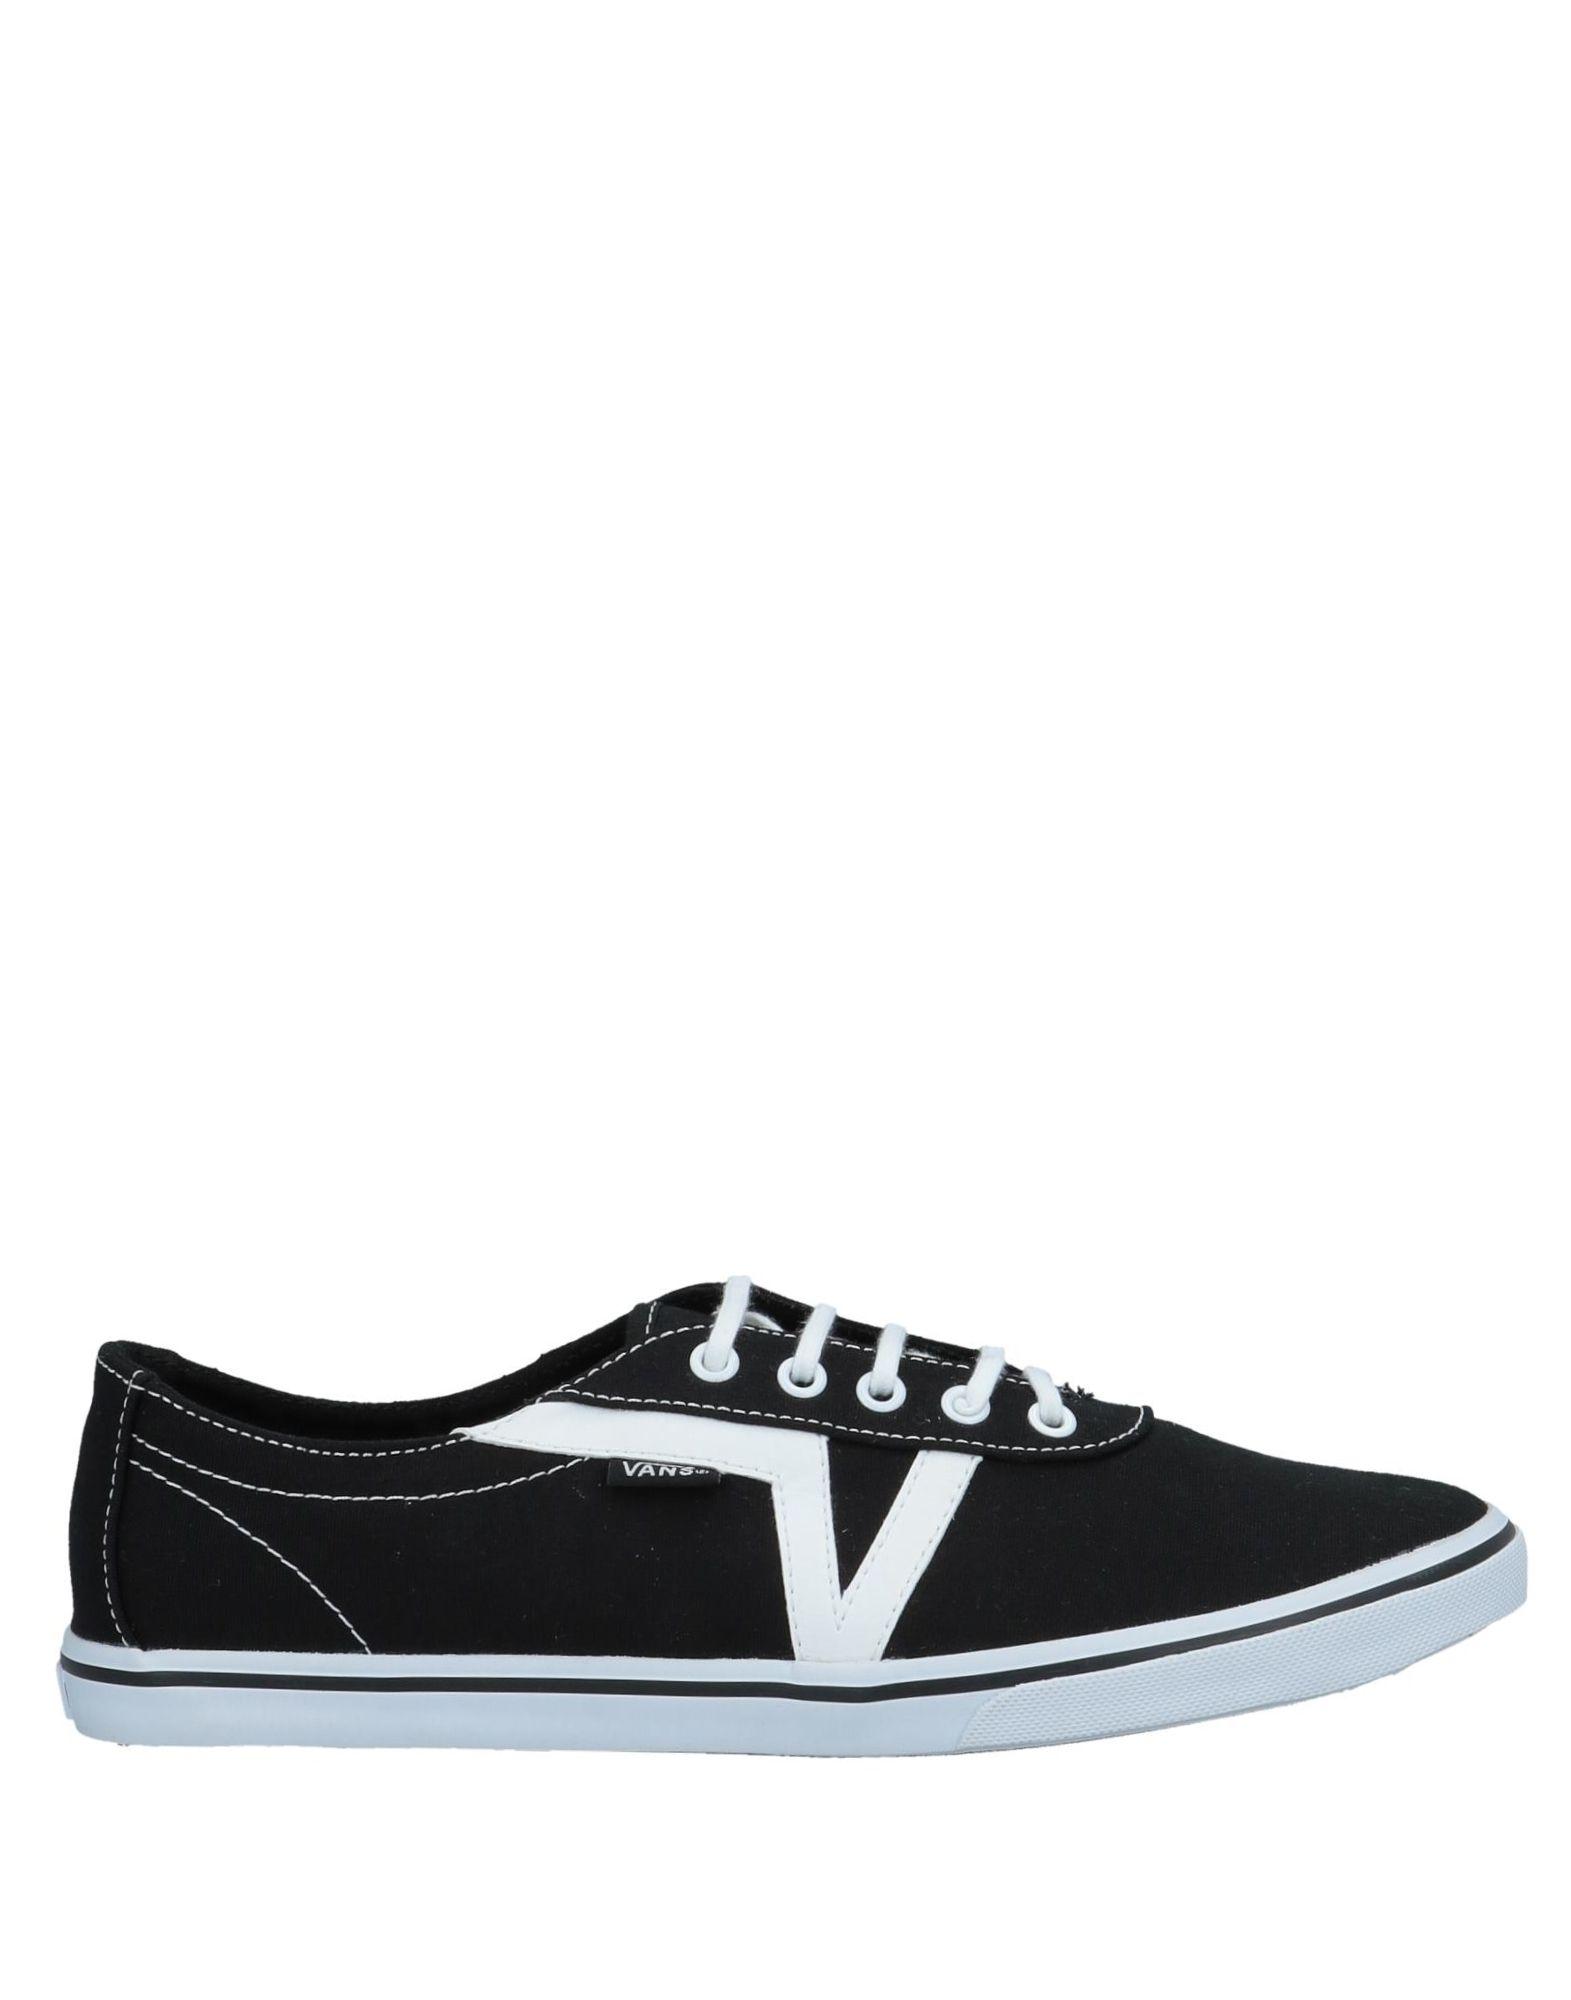 Sneakers Vans Donna - 11551738LG Scarpe economiche e buone